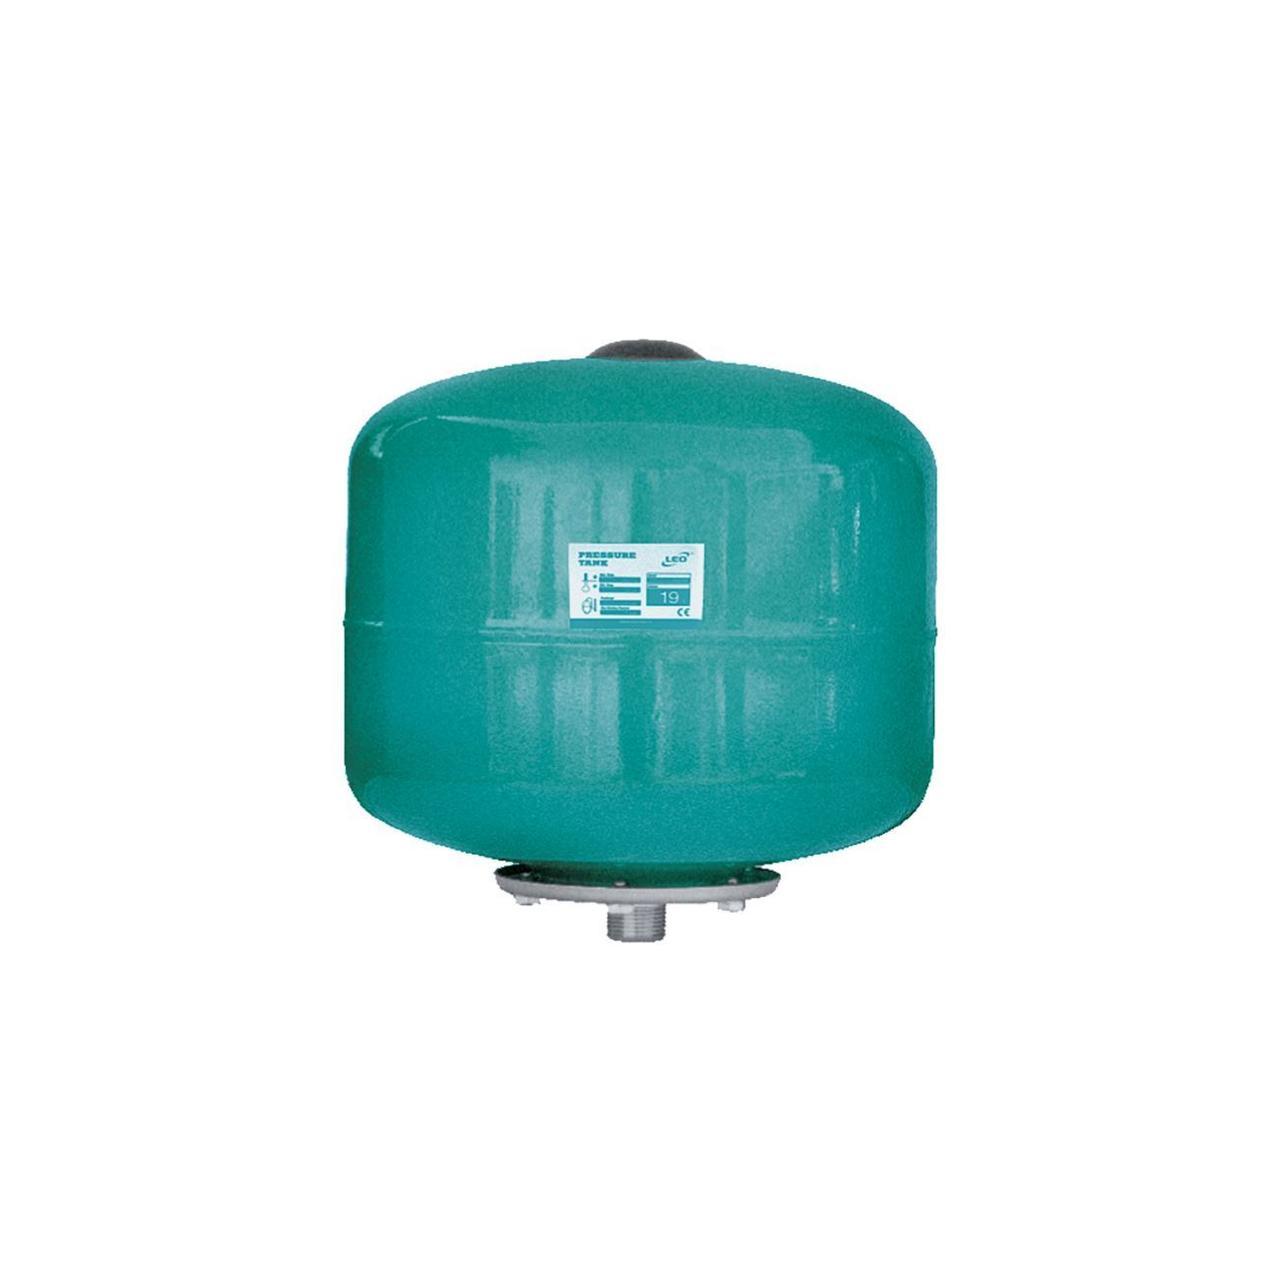 Гидроаккумулятор 19VT